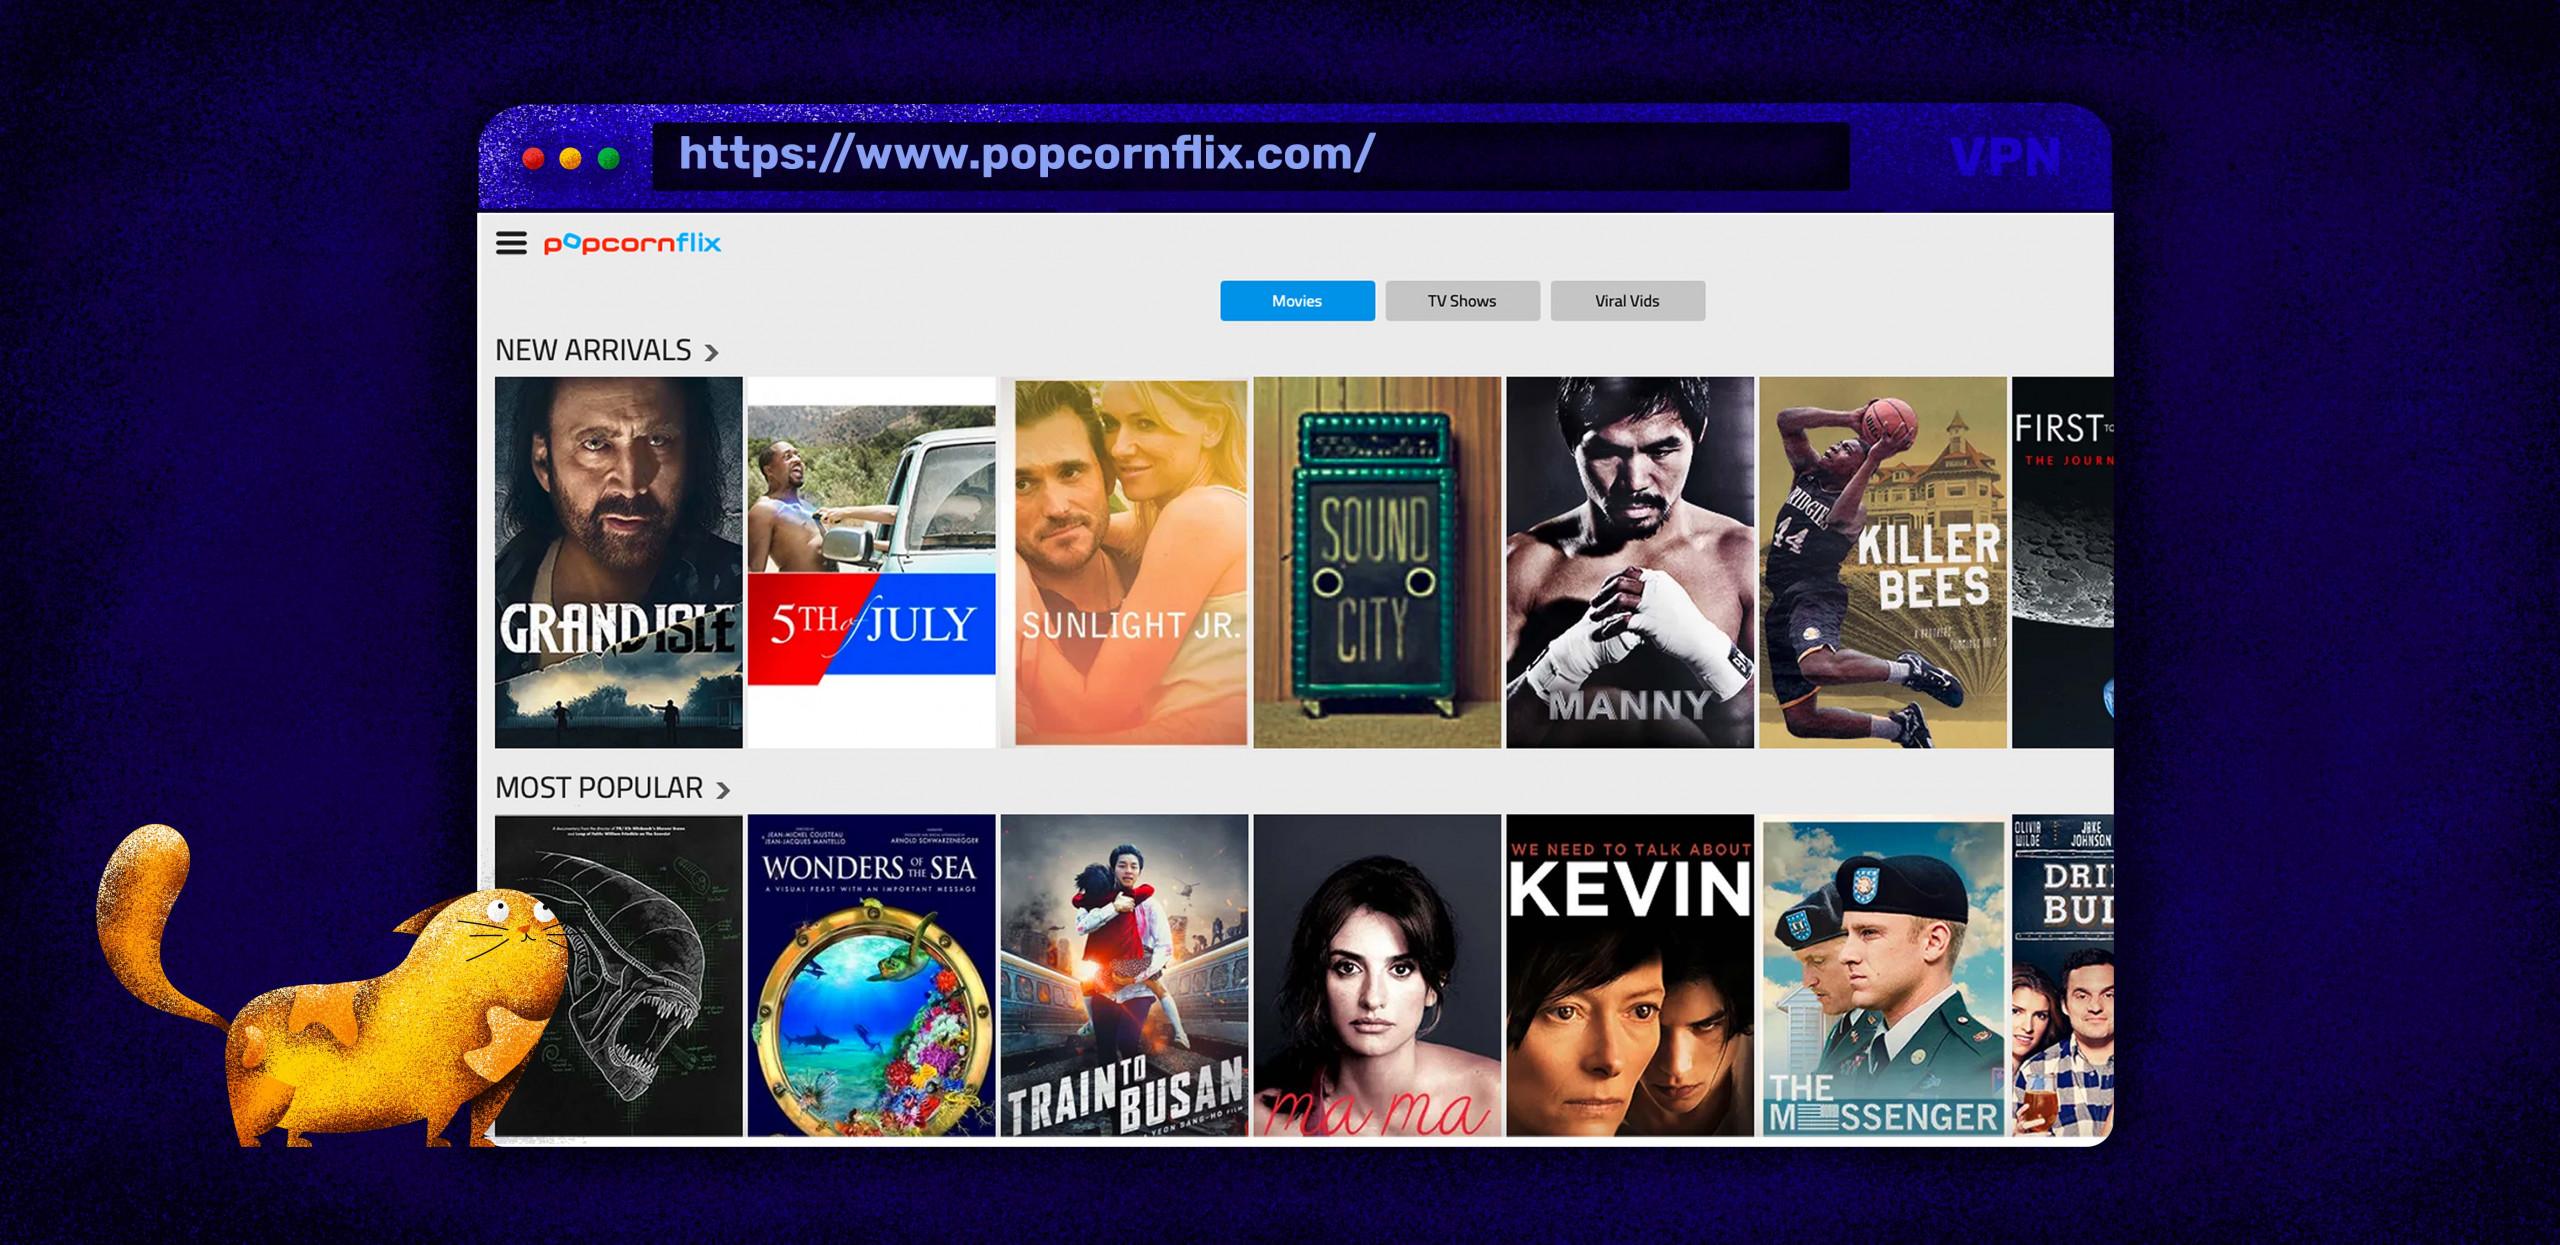 Popcornflix ist ein kostenloser Film-Streaming-Dienst, der Filme und TV-Serien anbietet